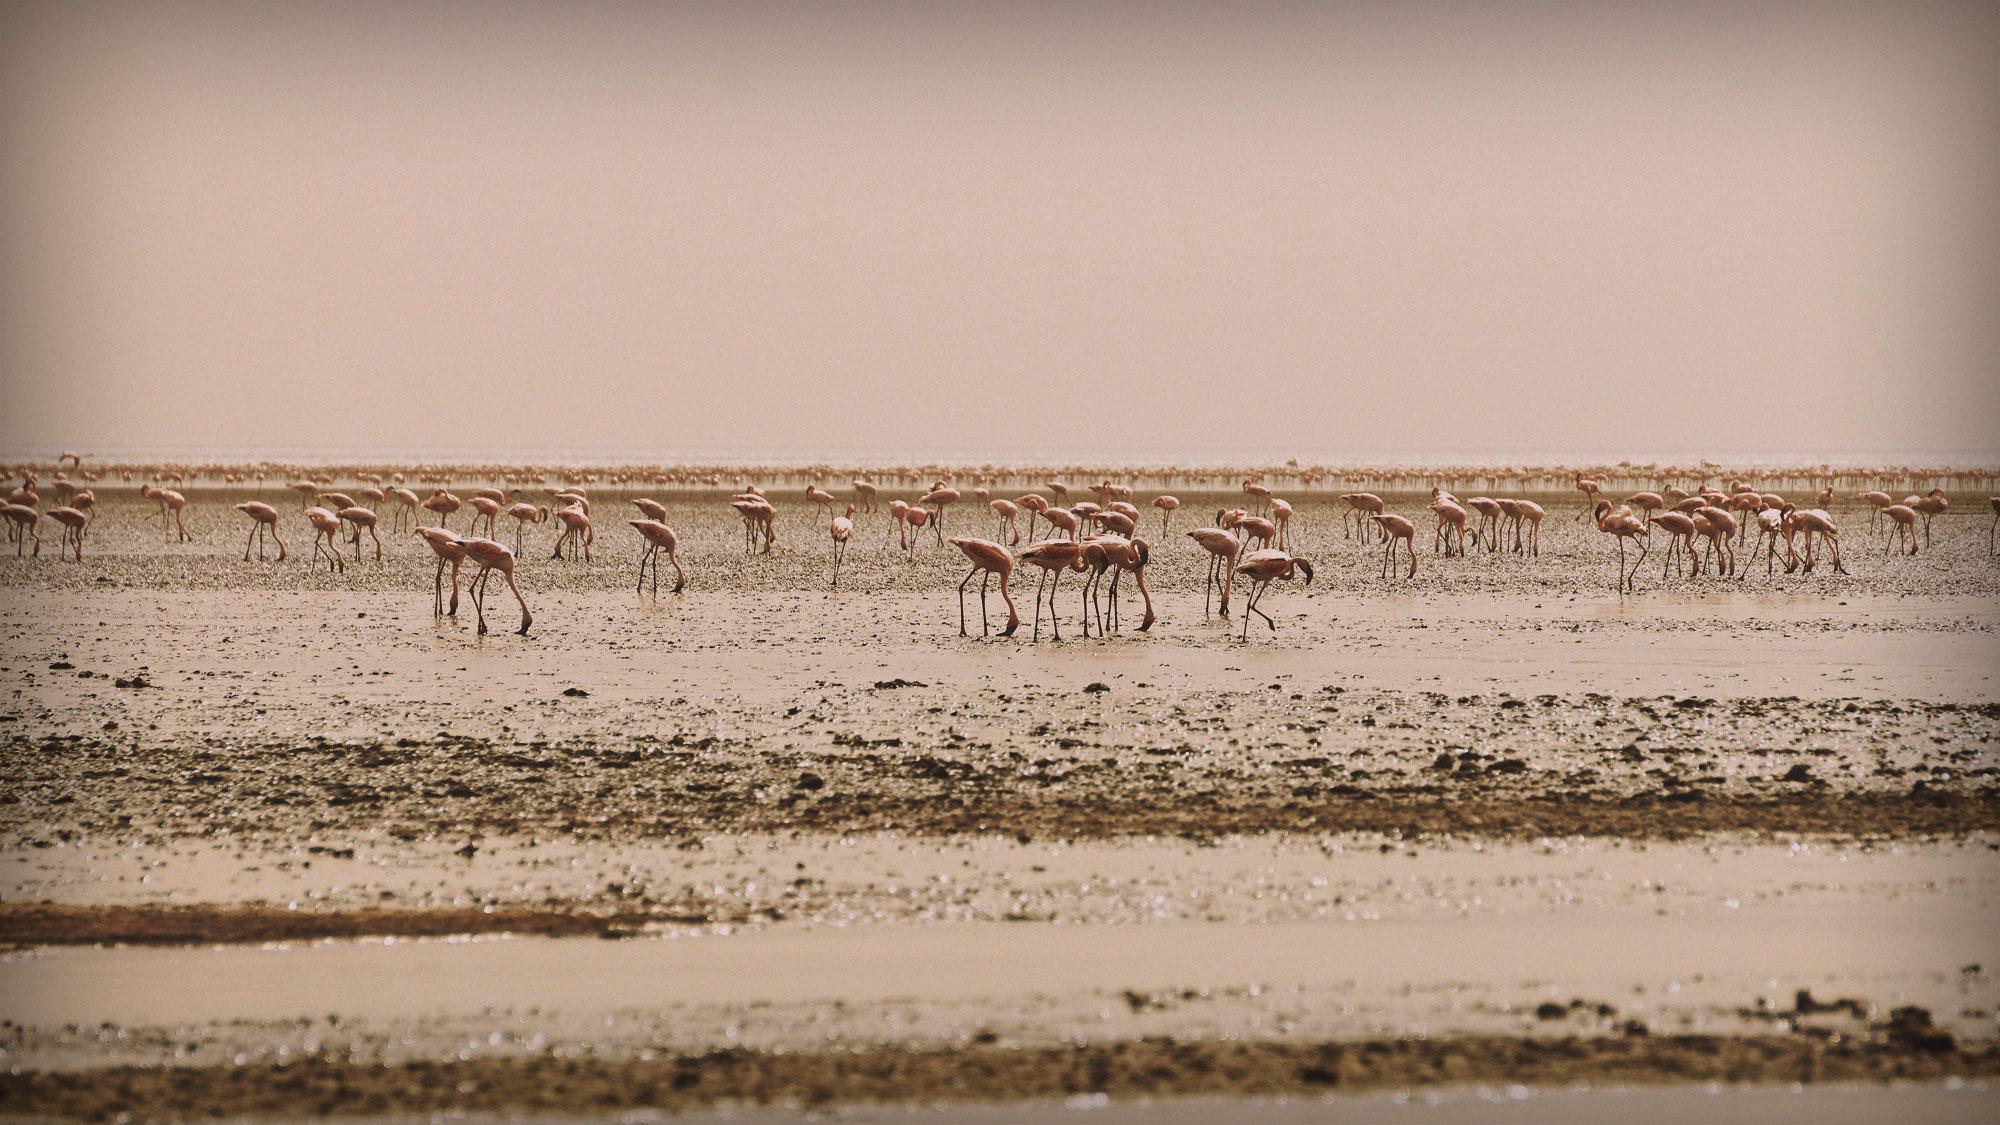 Lake Natron, Home of the Flamingo